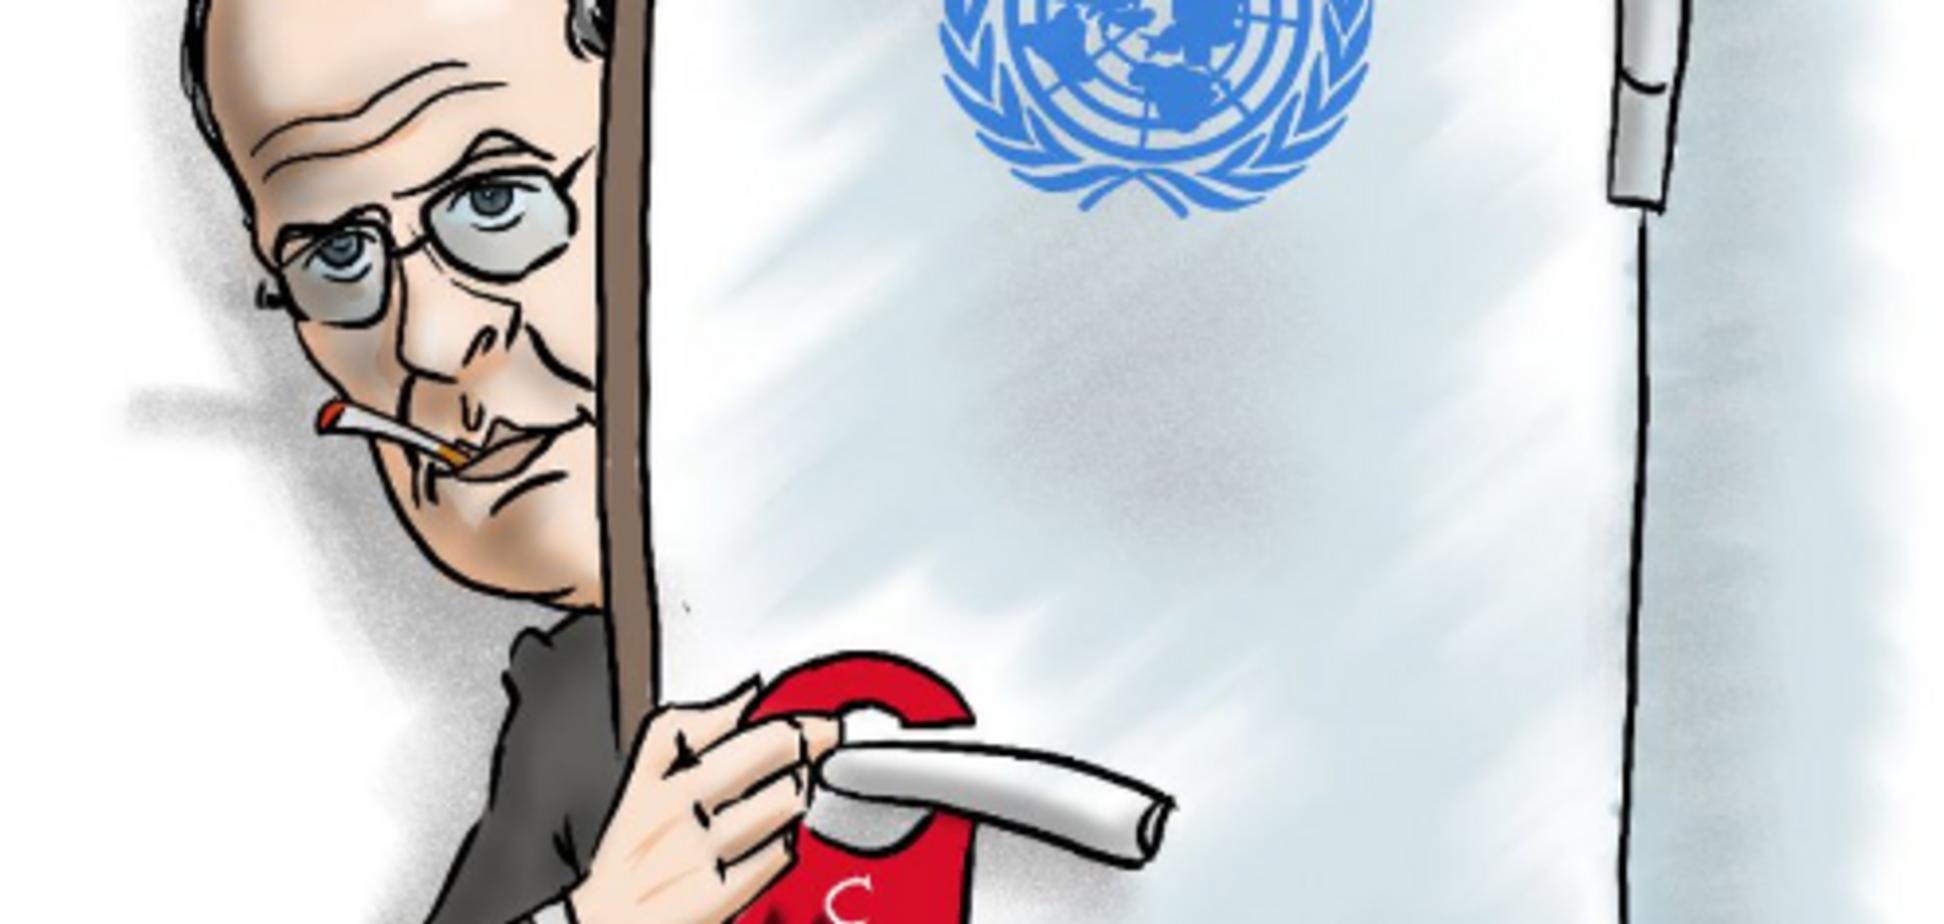 ''Иди на запах'': ''кабинет-туалет'' Лаврова высмеяли в стихе и карикатуре